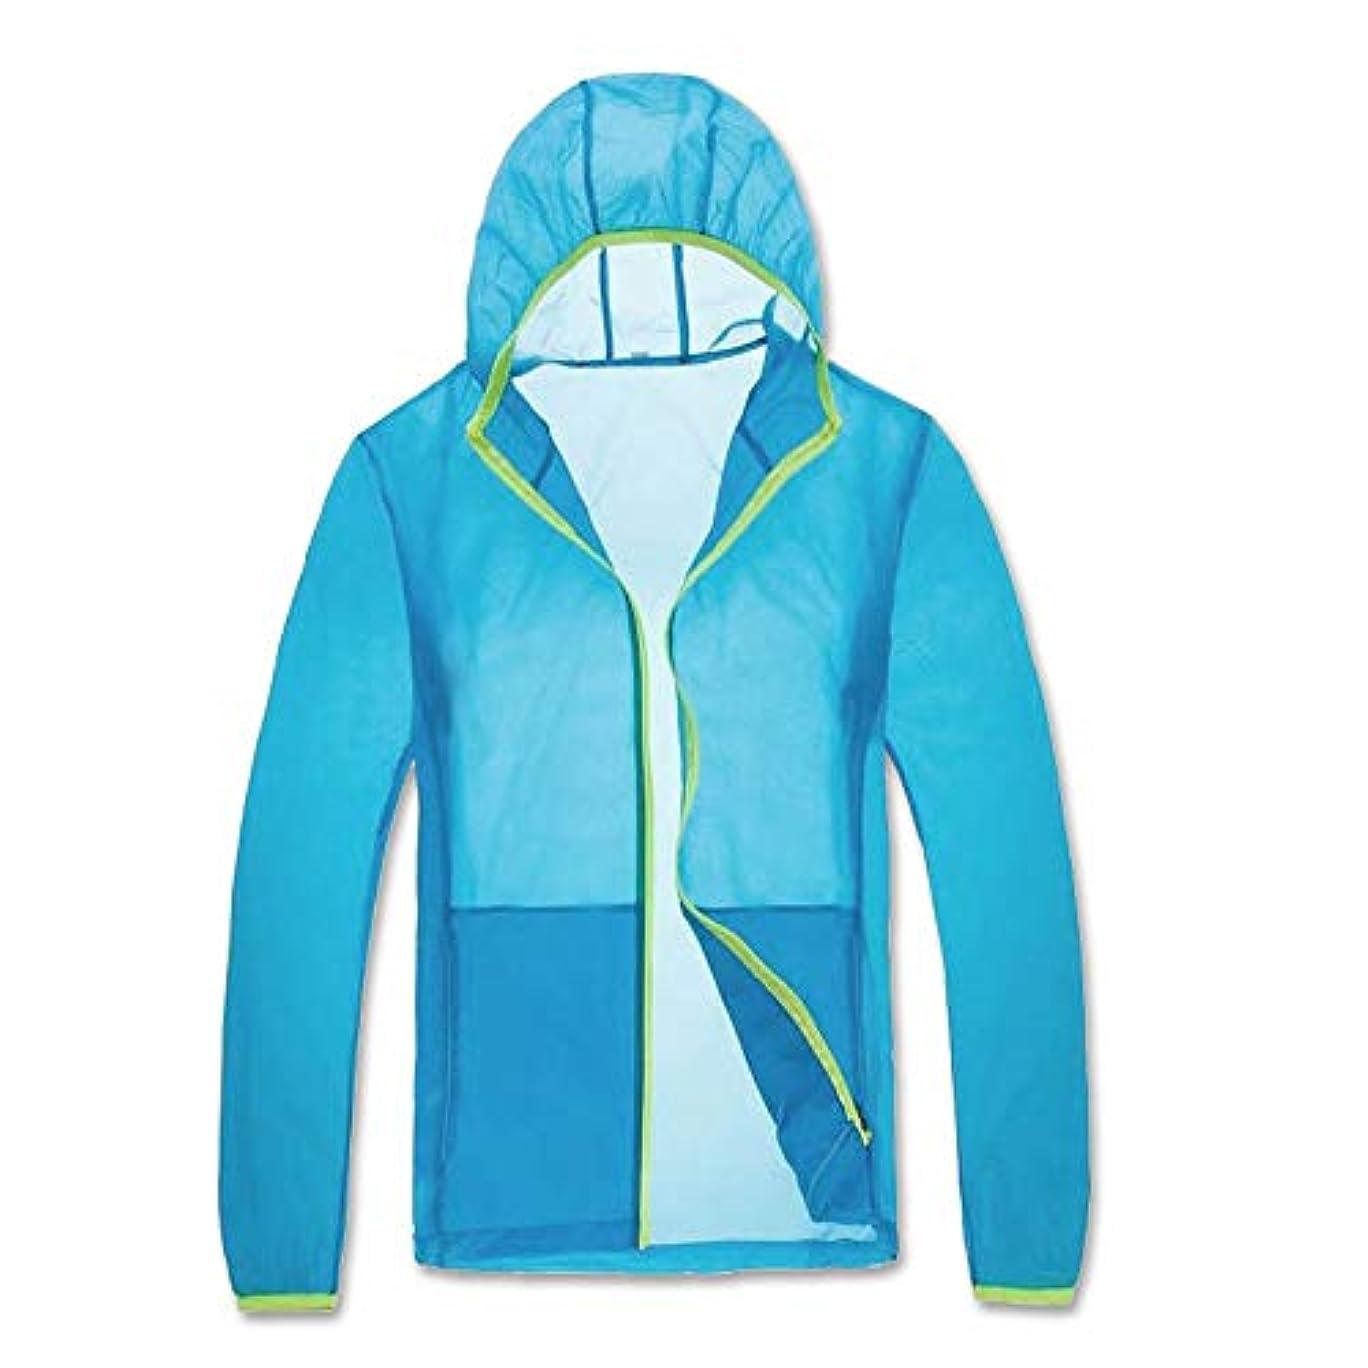 まぶしさ創傷噂夏のエアコン衣類ファン冷却衣服冷却ジャケット日焼け止め防蚊防水ジャケットスキンコート,Blue,L